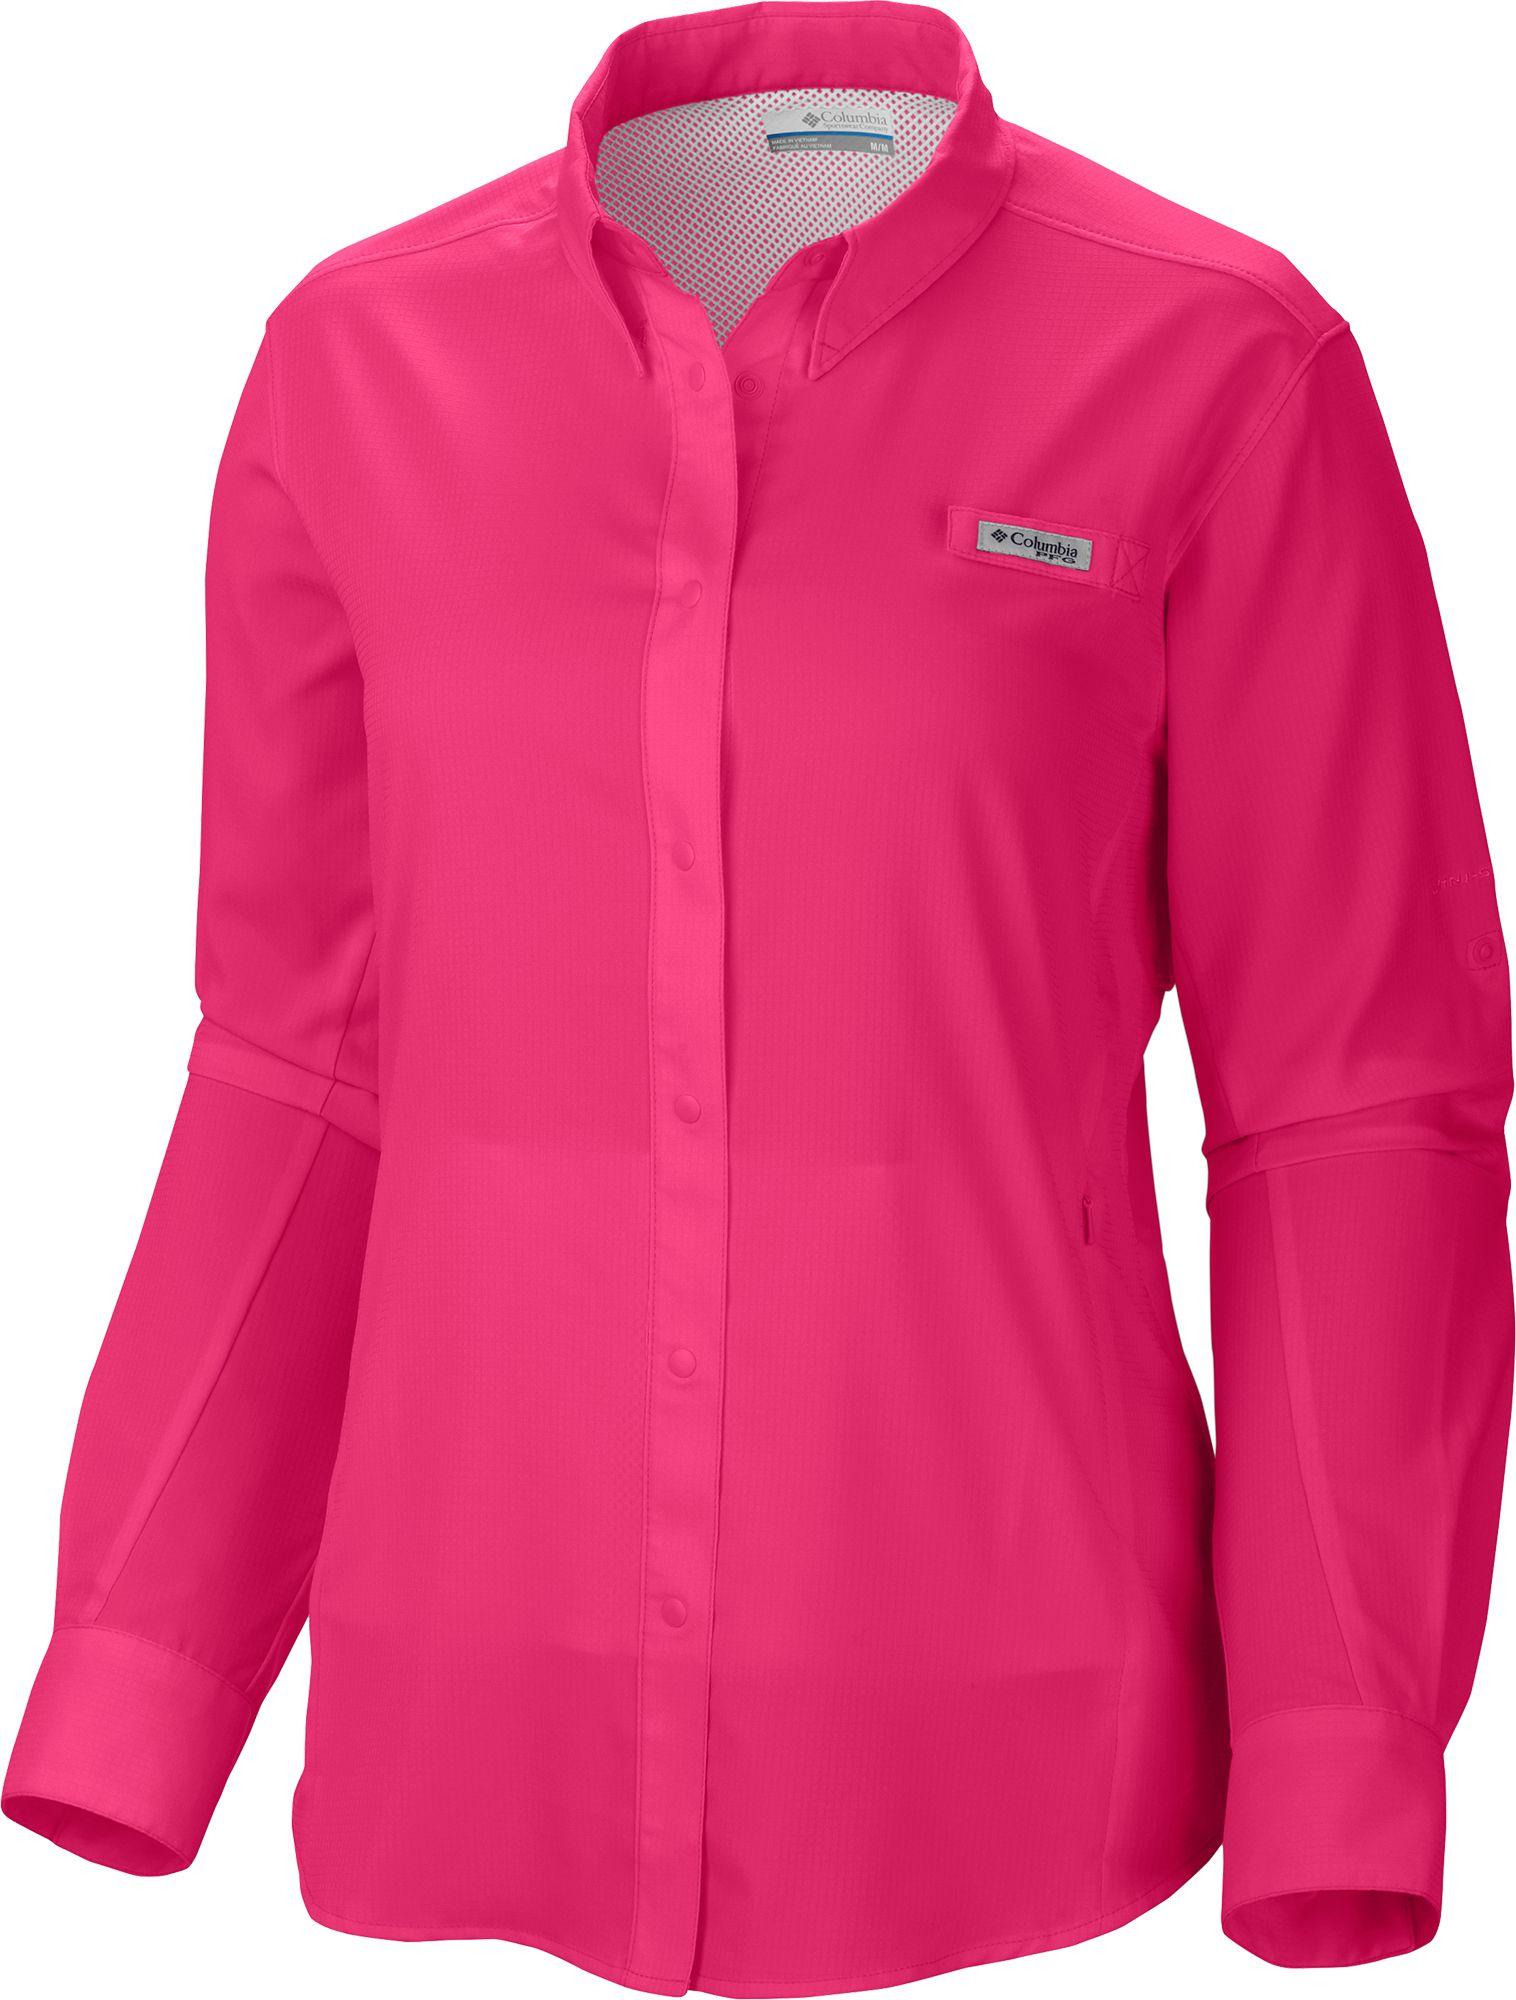 Pink Columbia Shirt | Artee Shirt